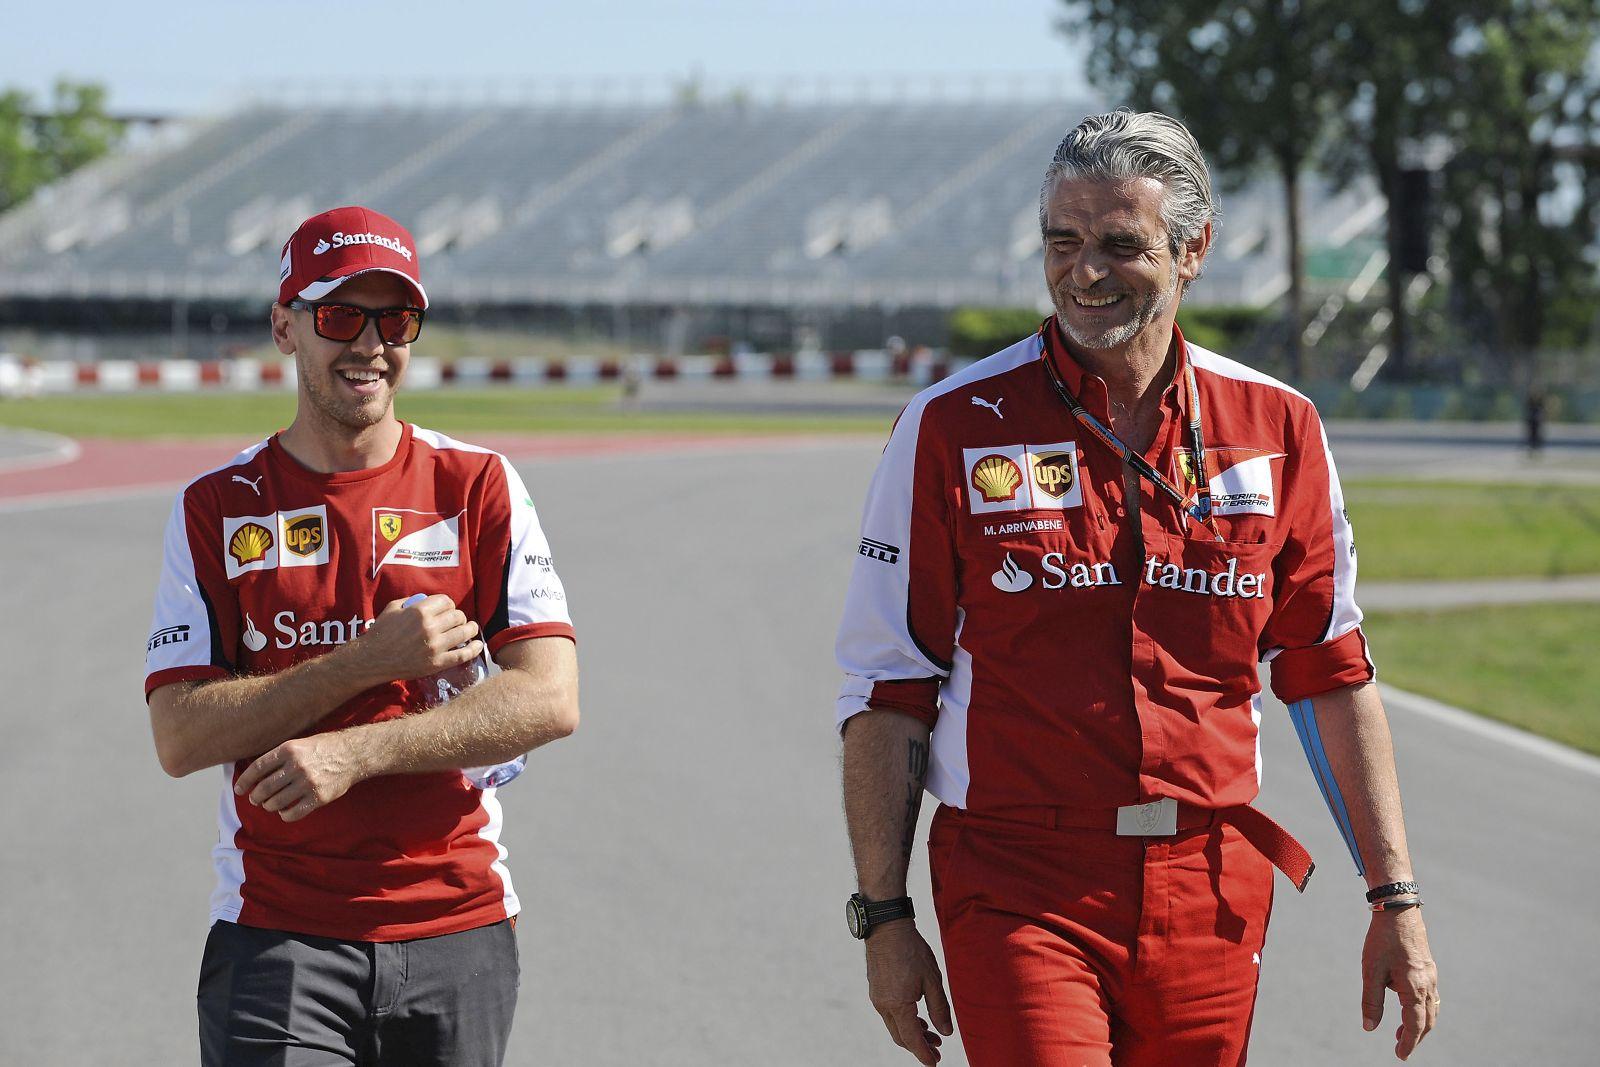 Remek hírek Vetteléknél: még idén érkezik a második gyerek!